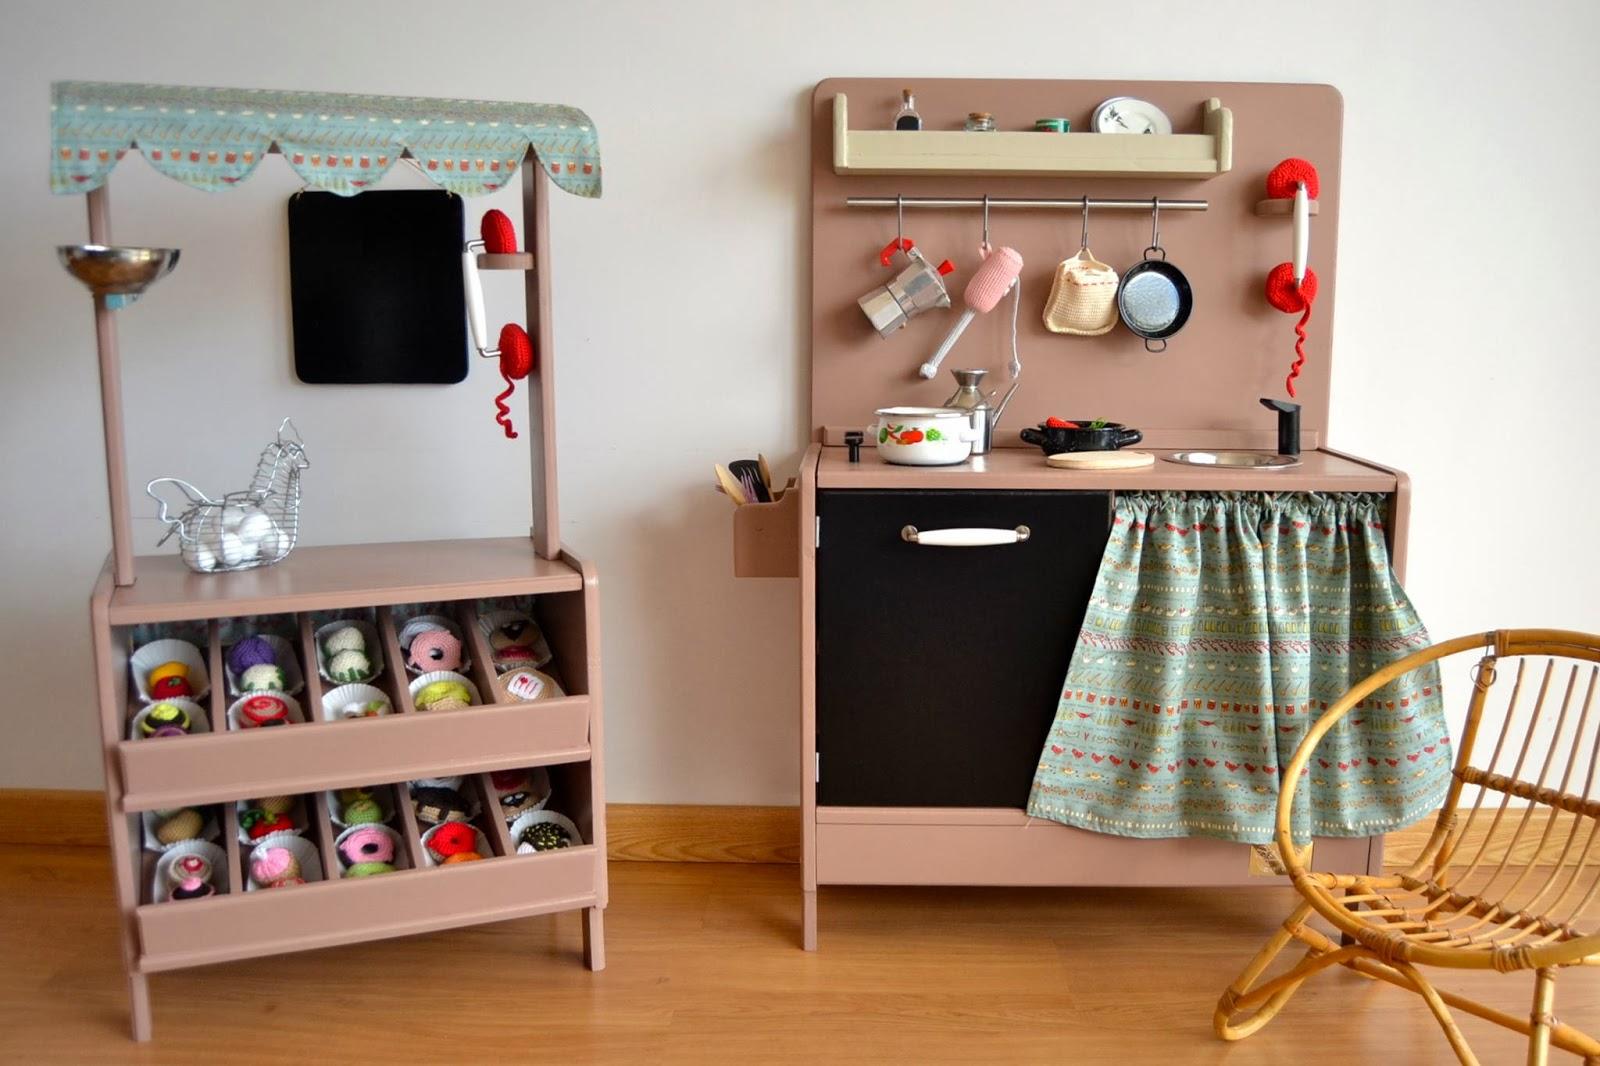 Lou retrohousewife juguetes vintage hechos a mano for Cocina juguete segunda mano